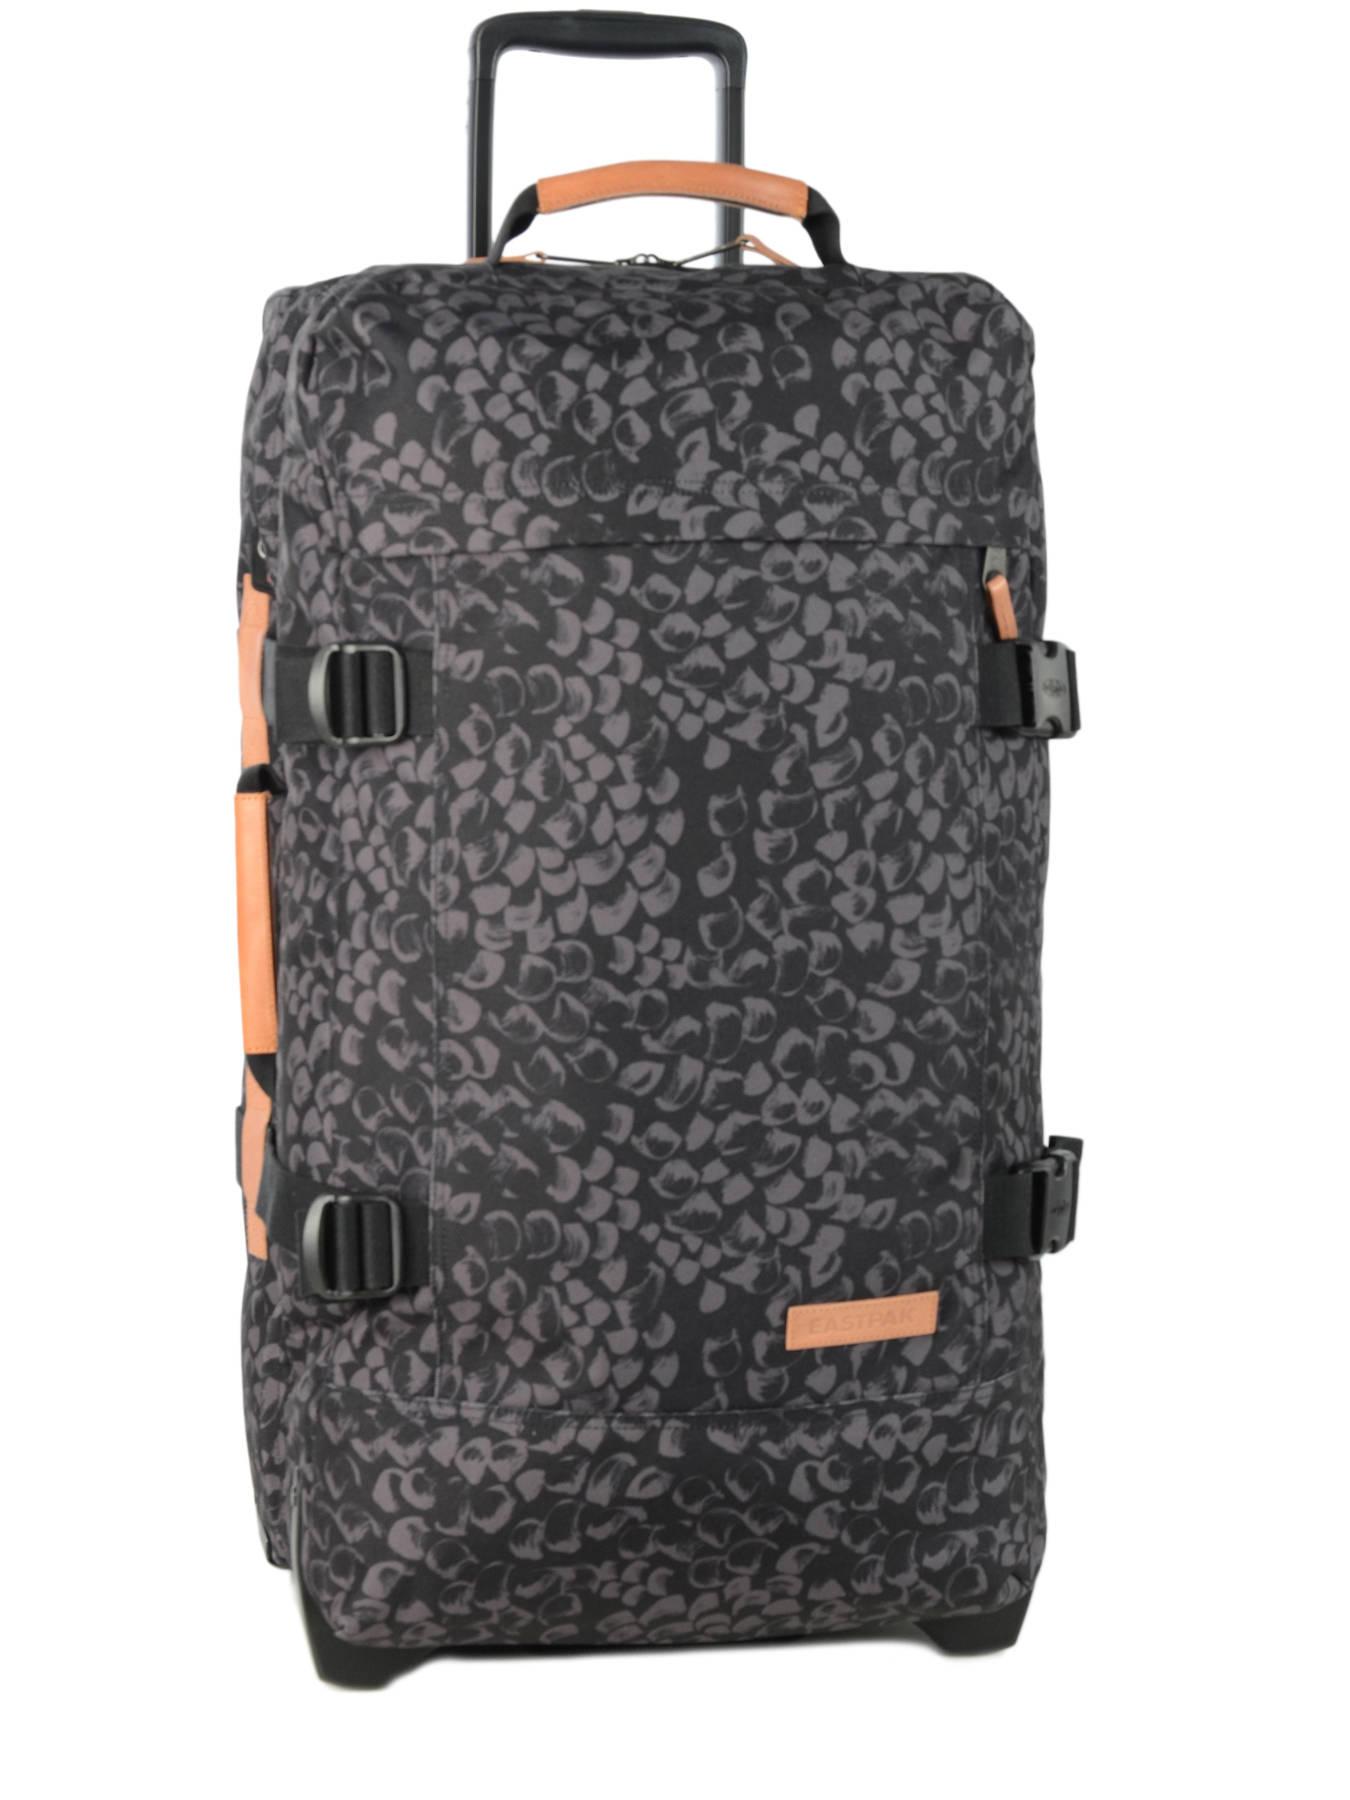 Comment choisir votre sac à main vernis?